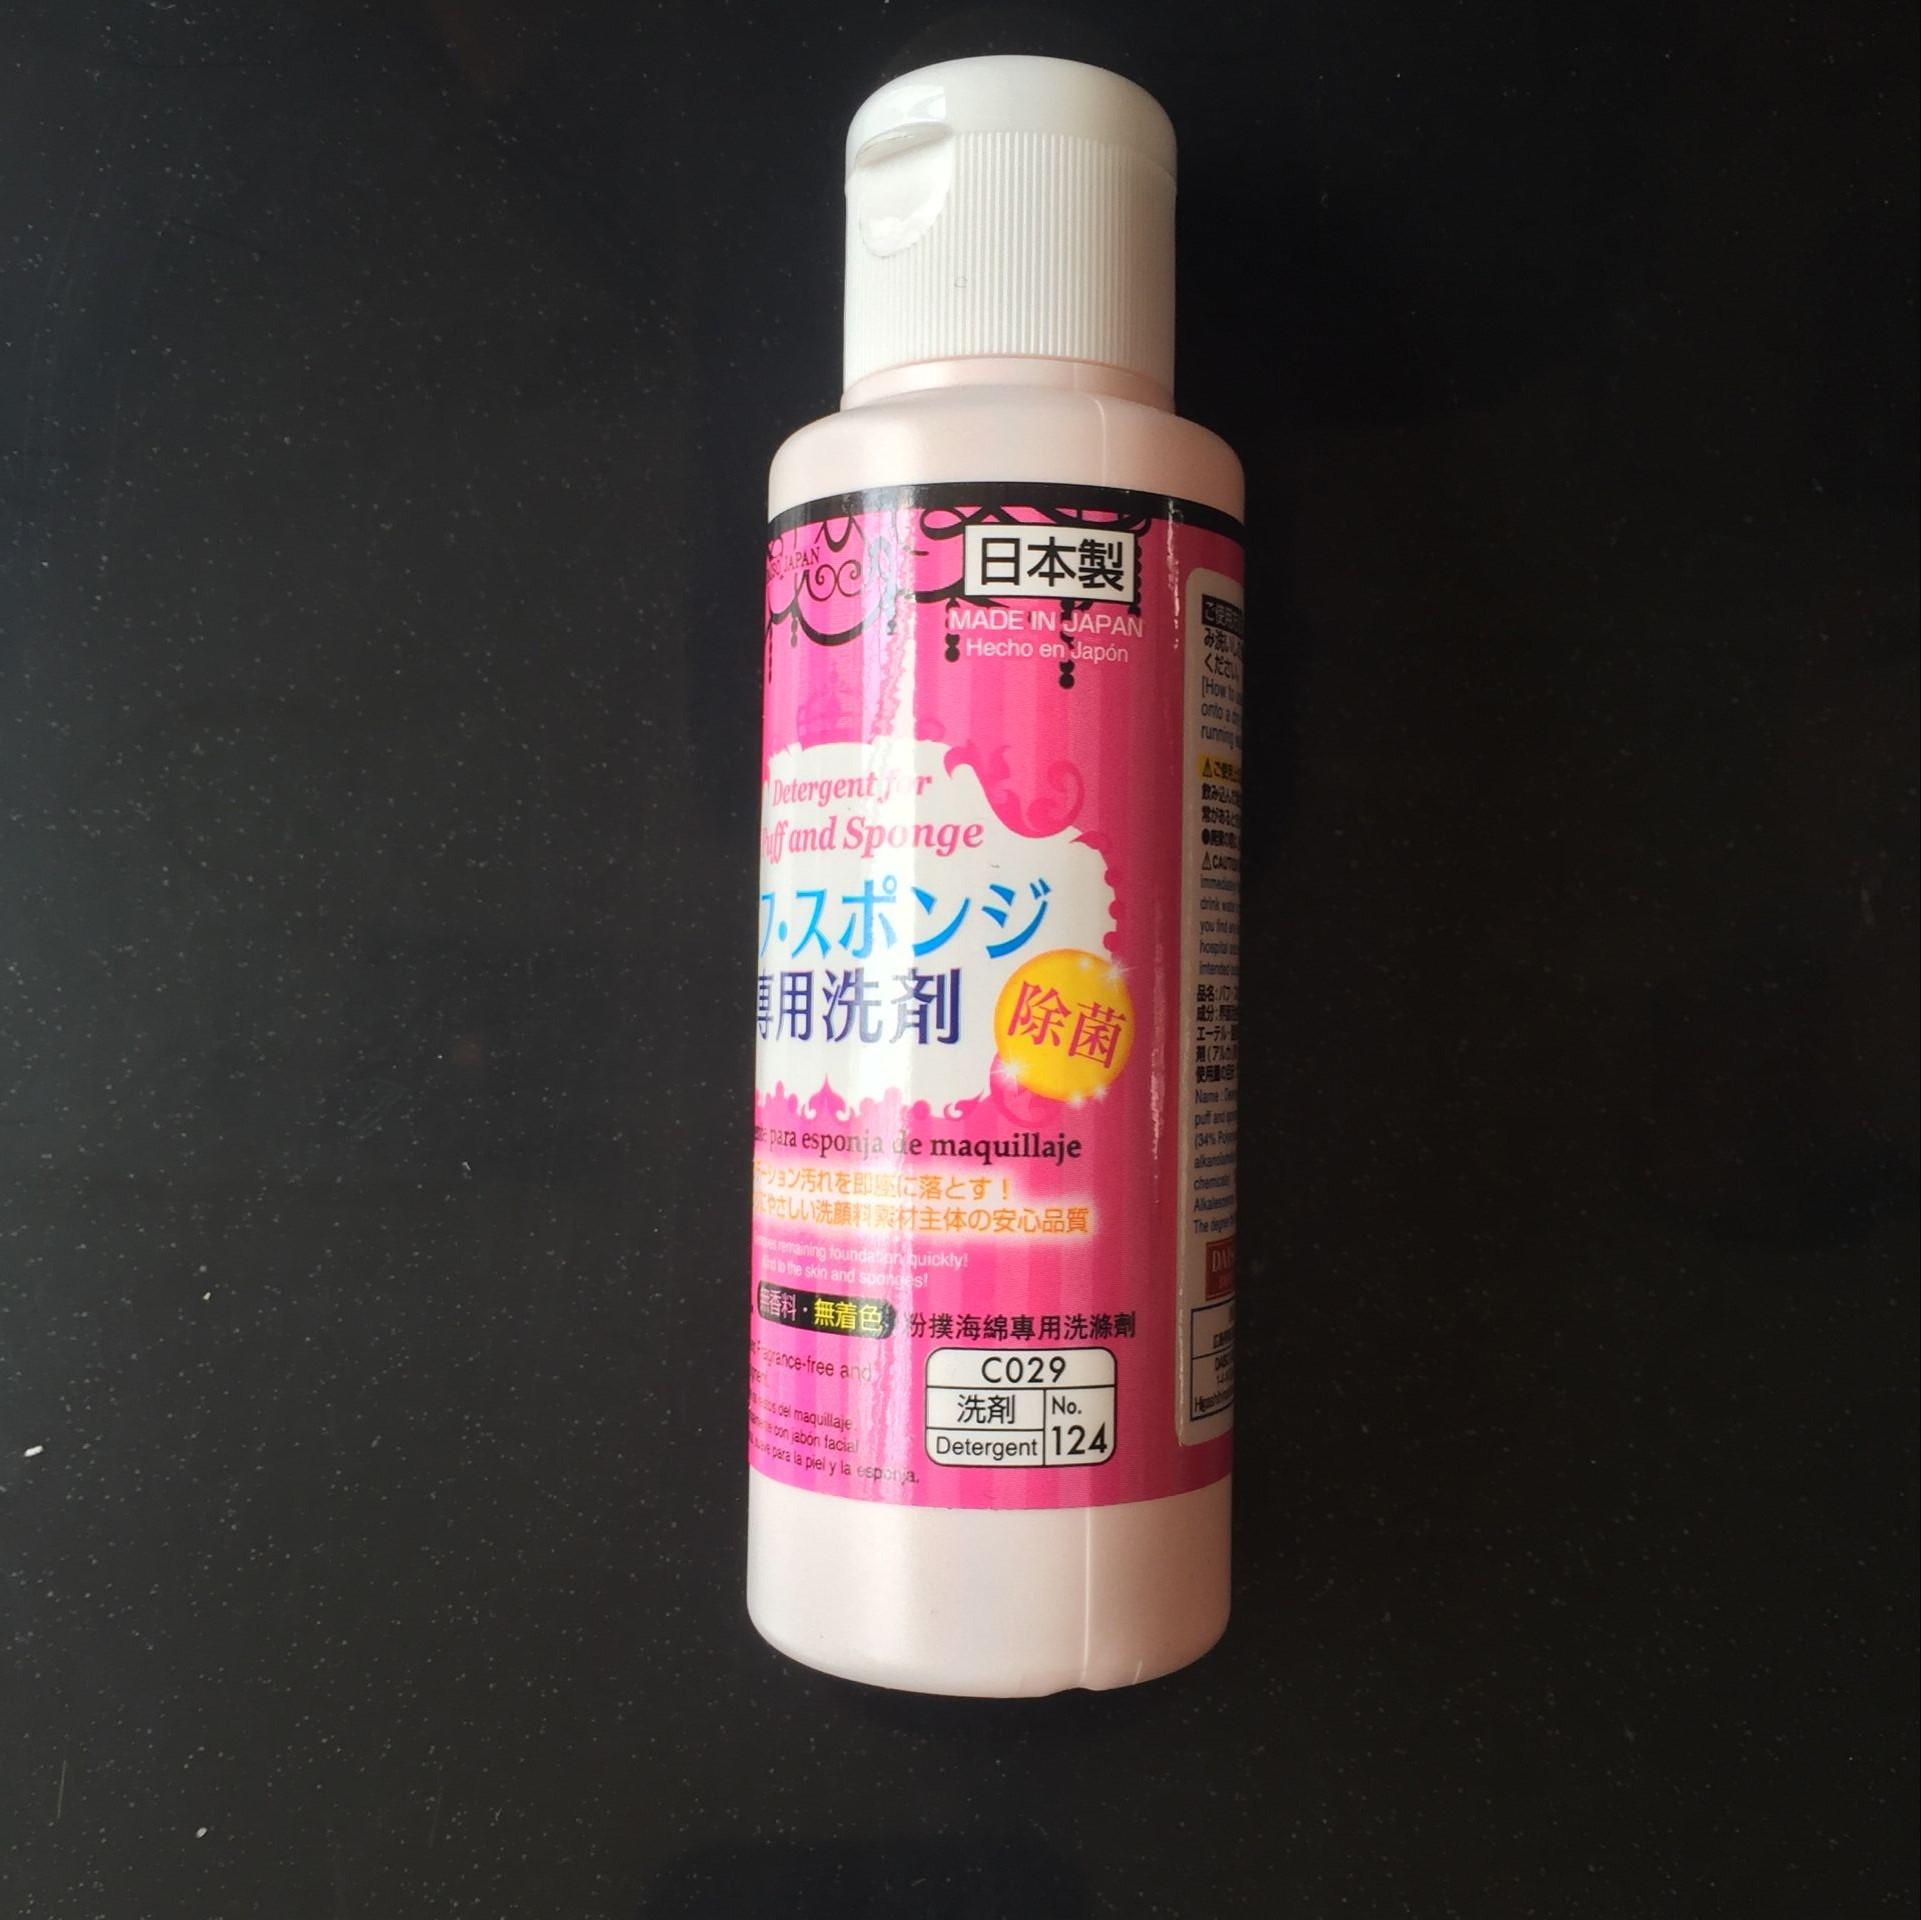 Аутентичные DAISO Японии значительное Puff макияж кисти специальным чистящим средством для дезинфекции 80ml антибактериальные губка